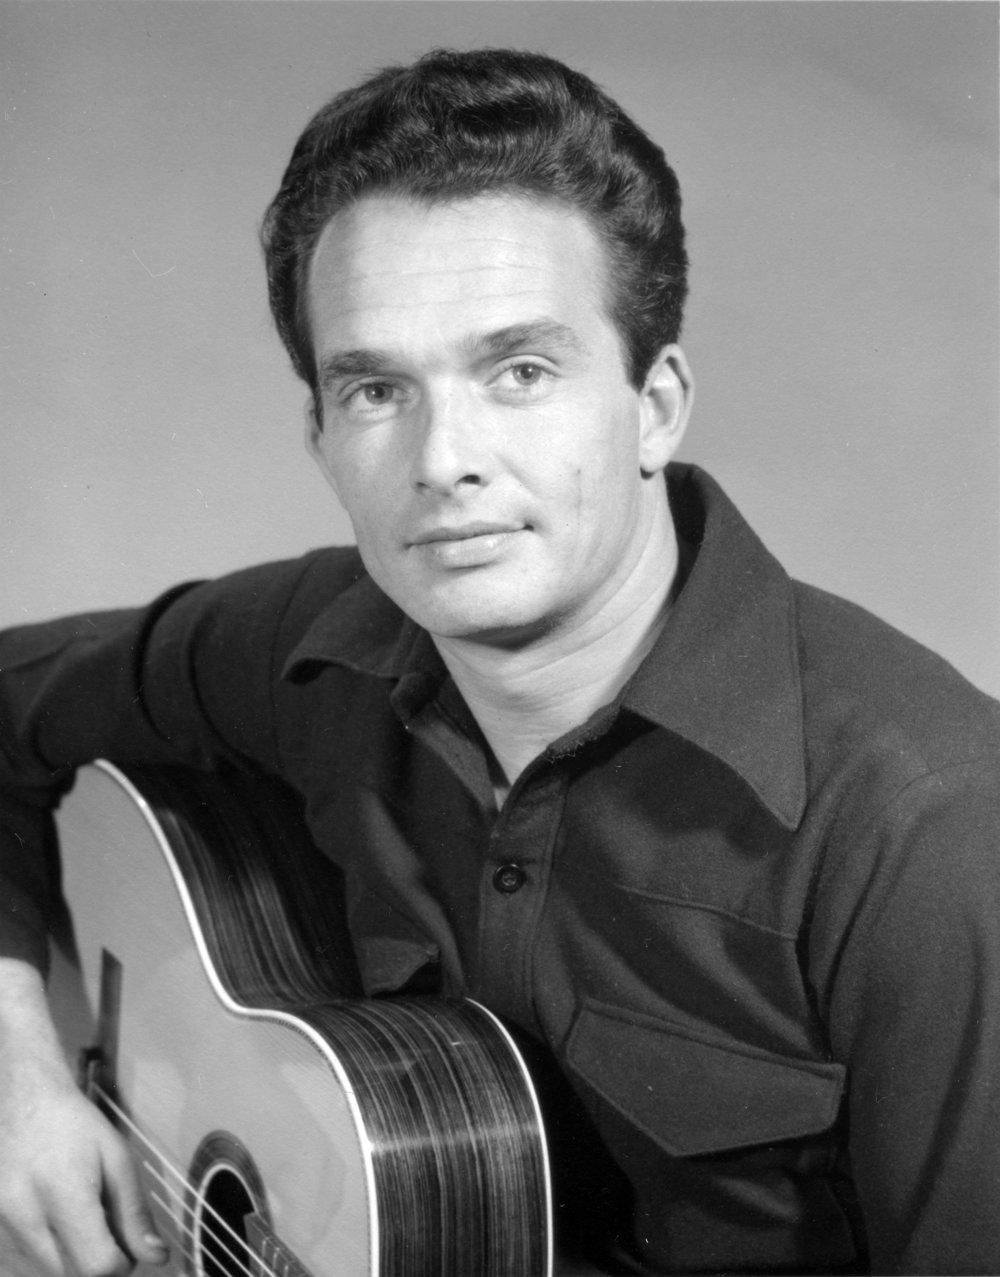 Merle Haggard. 1965.